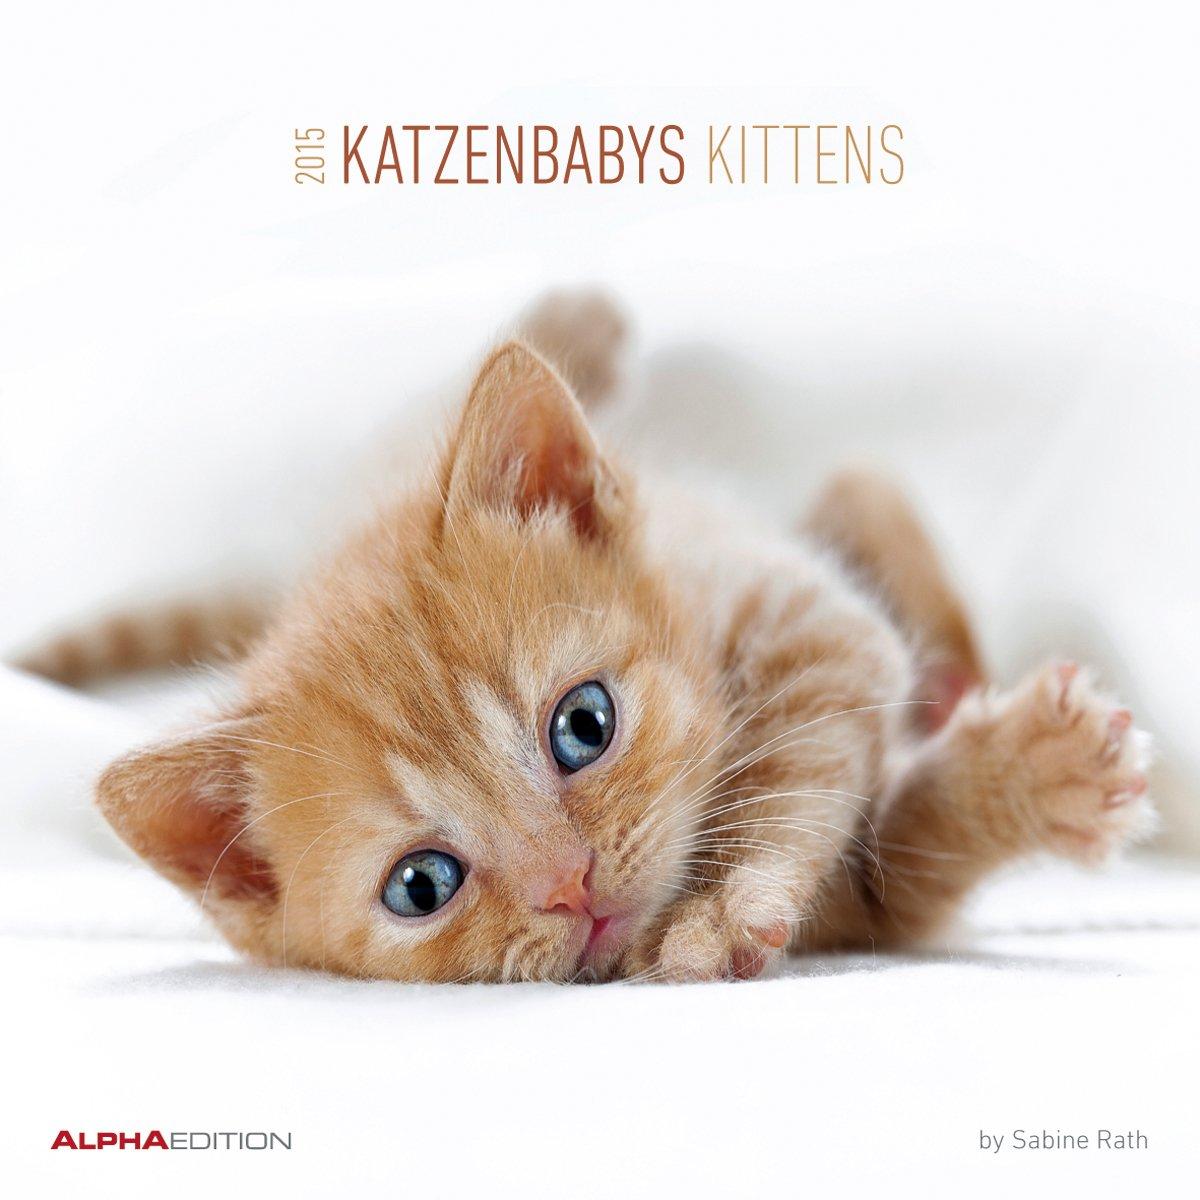 katzenbabys-2015-kittens-broschrenkalender-30-x-60-geffnet-tierkalender-by-sabine-rath